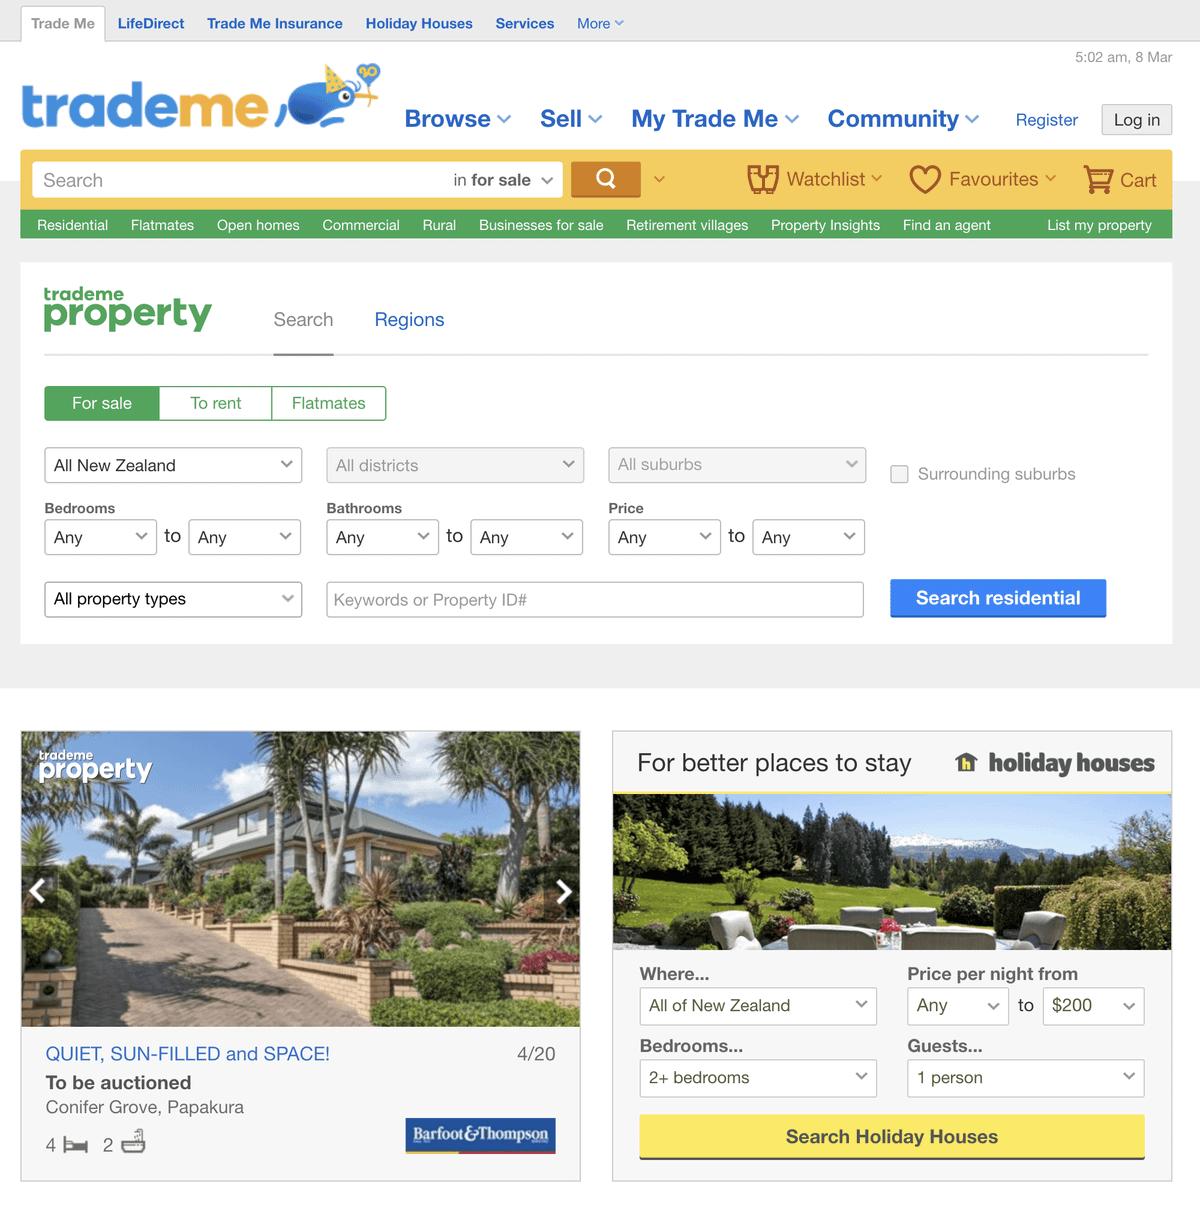 Главный сайт объявлений в Новой Зеландии — «Трейд-ми». Тут все ищут и продают что угодно. Для жилья есть отдельный большой раздел